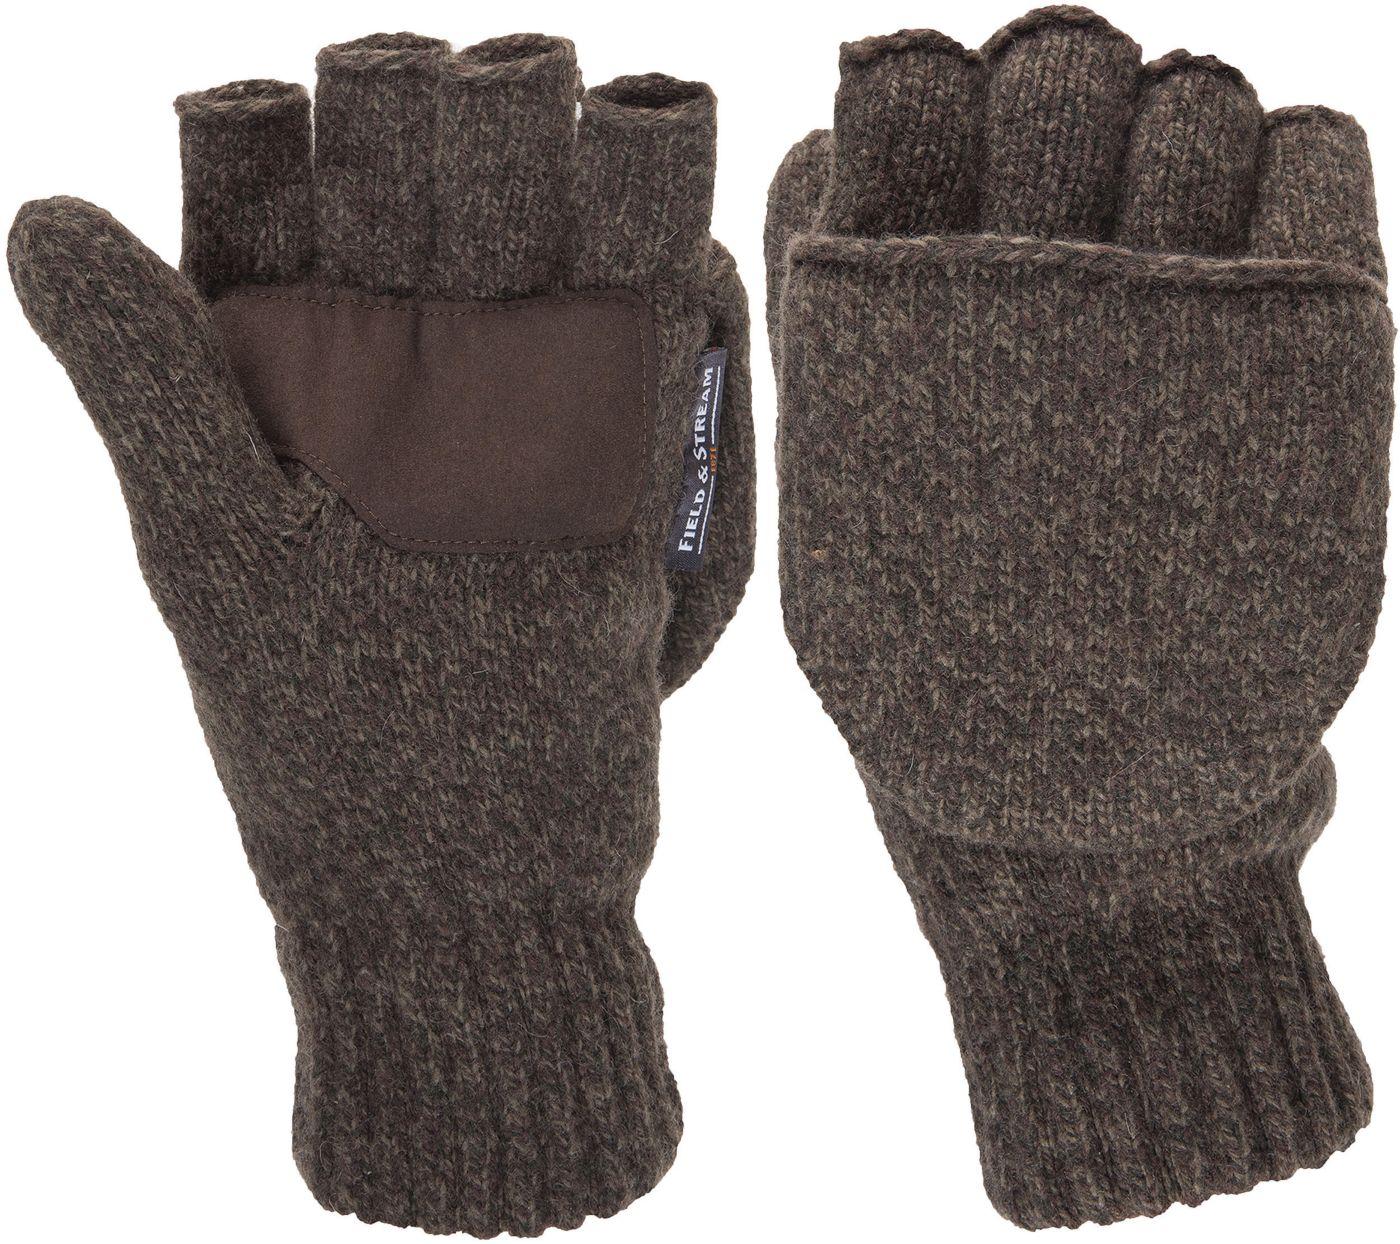 Field & Stream Men's Wool Pop Top Gloves